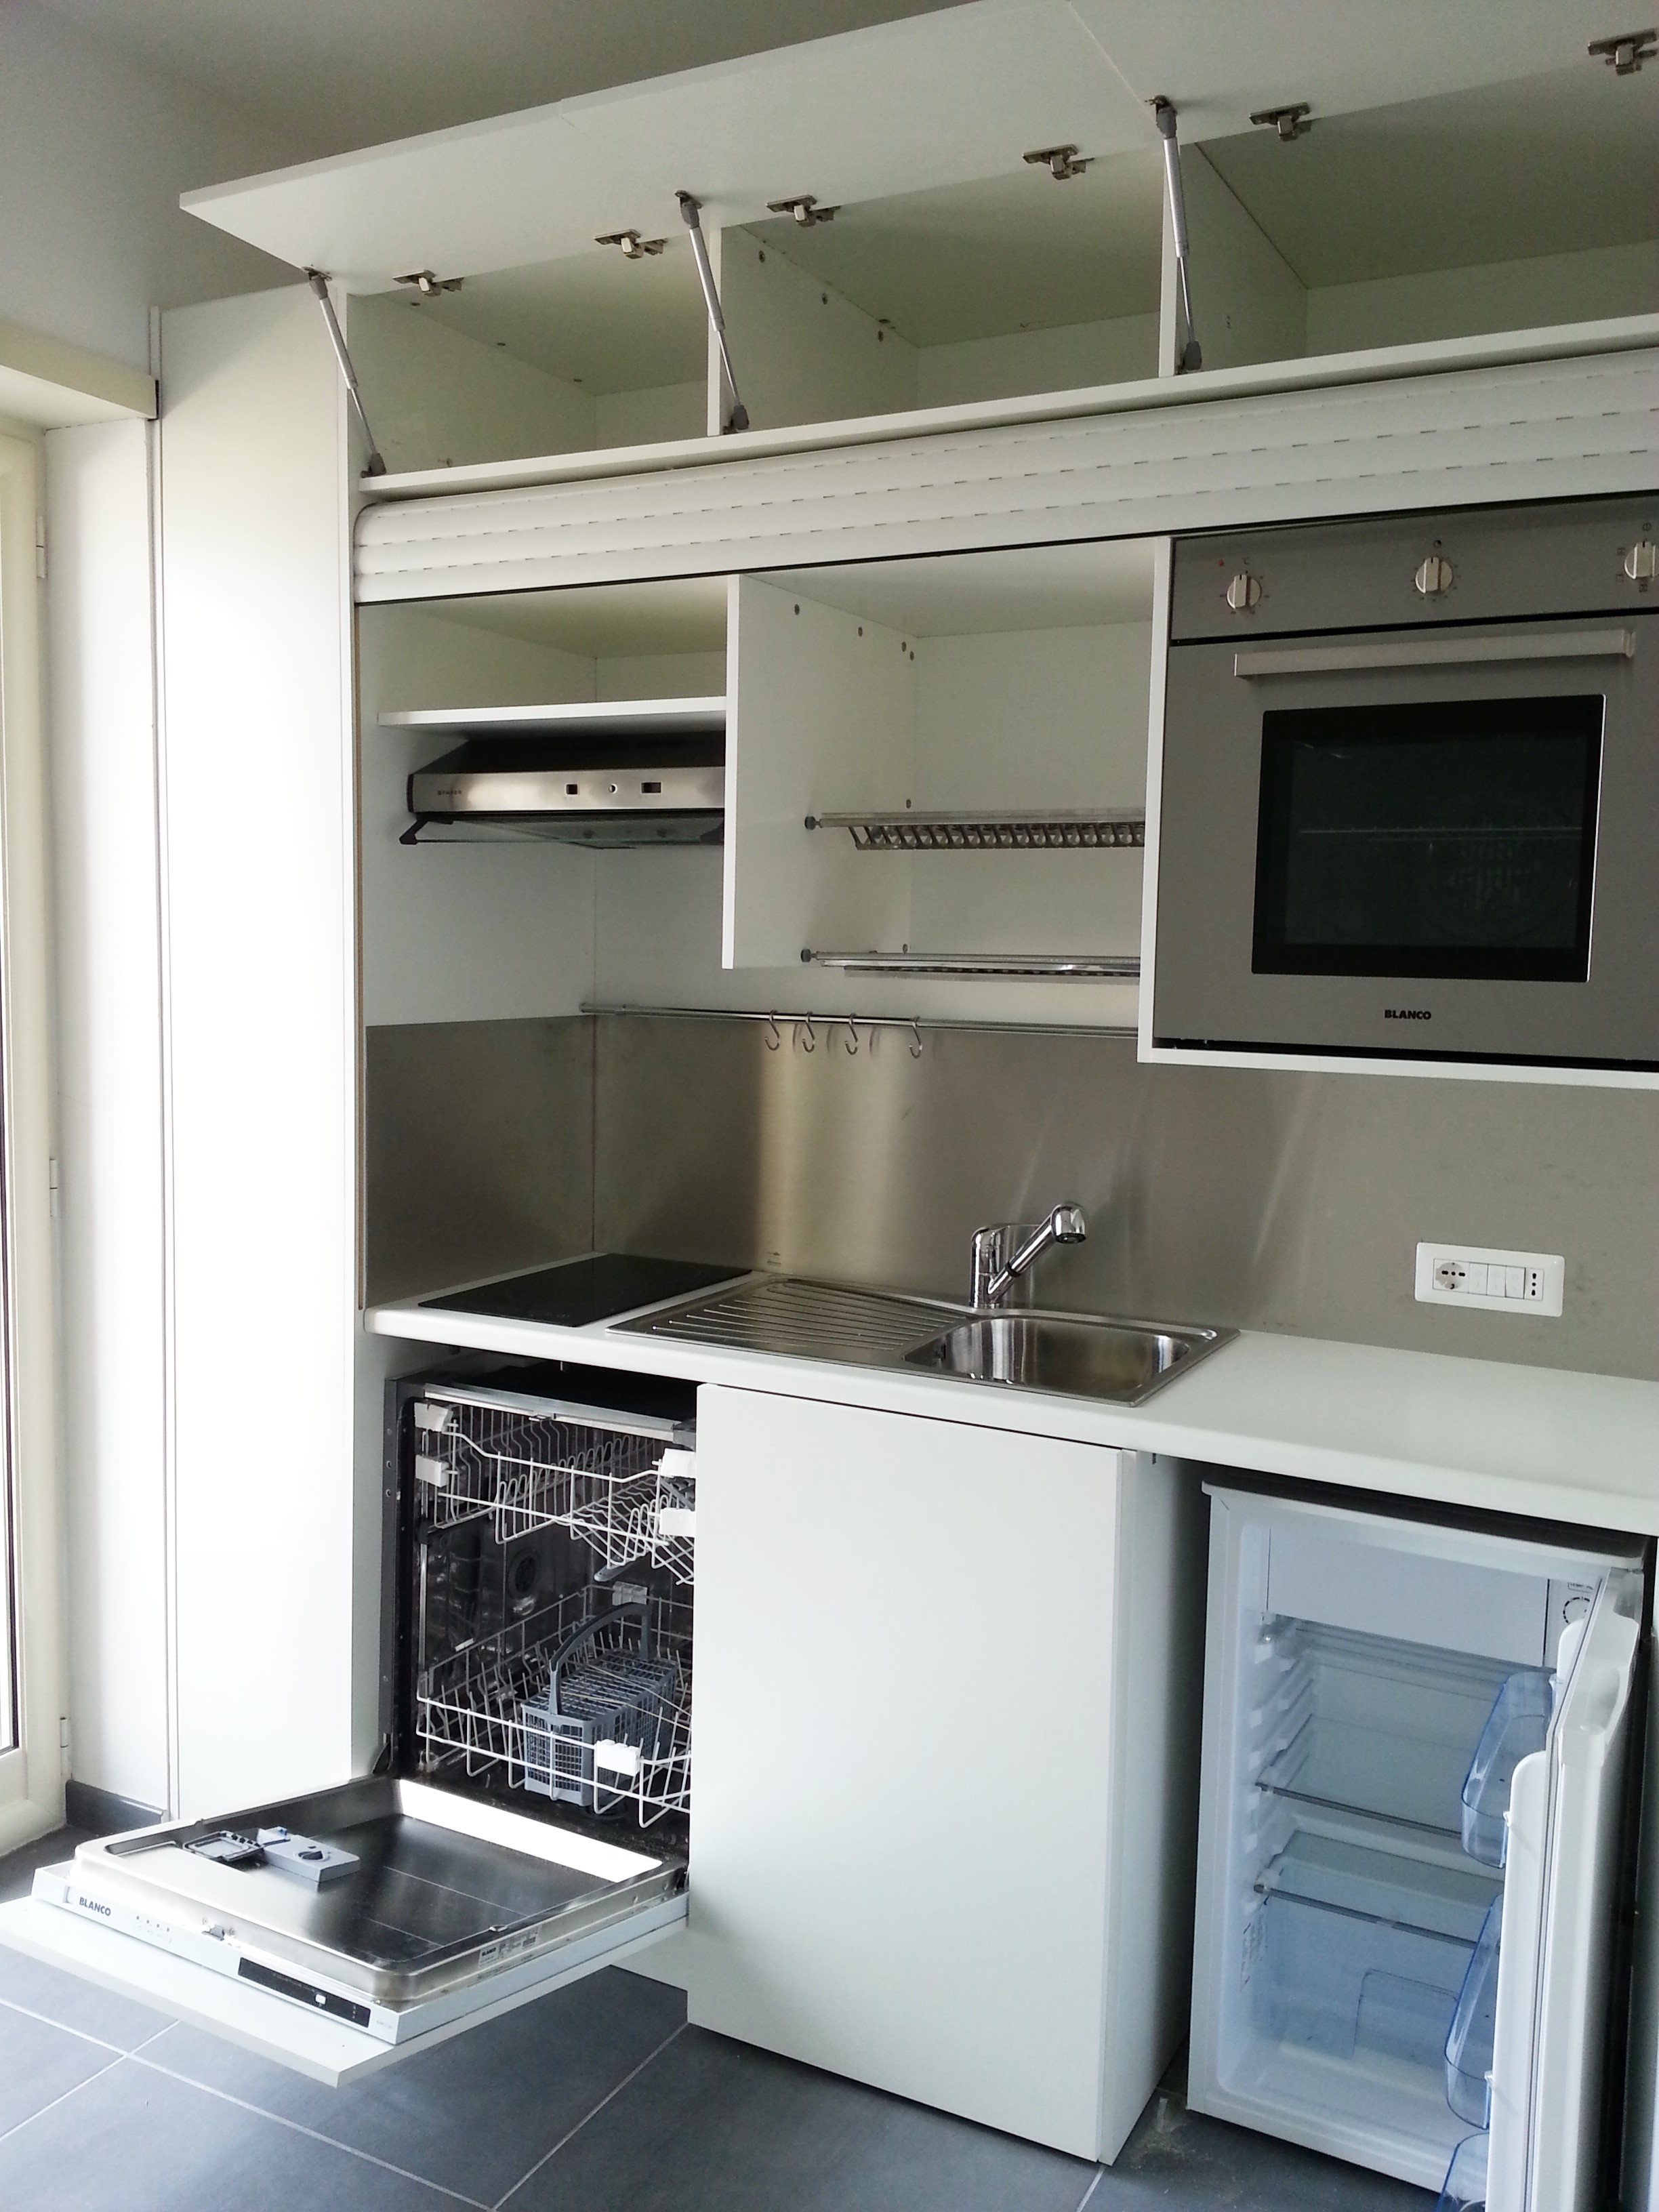 Cucina completa di tutto lavastoviglia forno in armadio for Cucine arredate